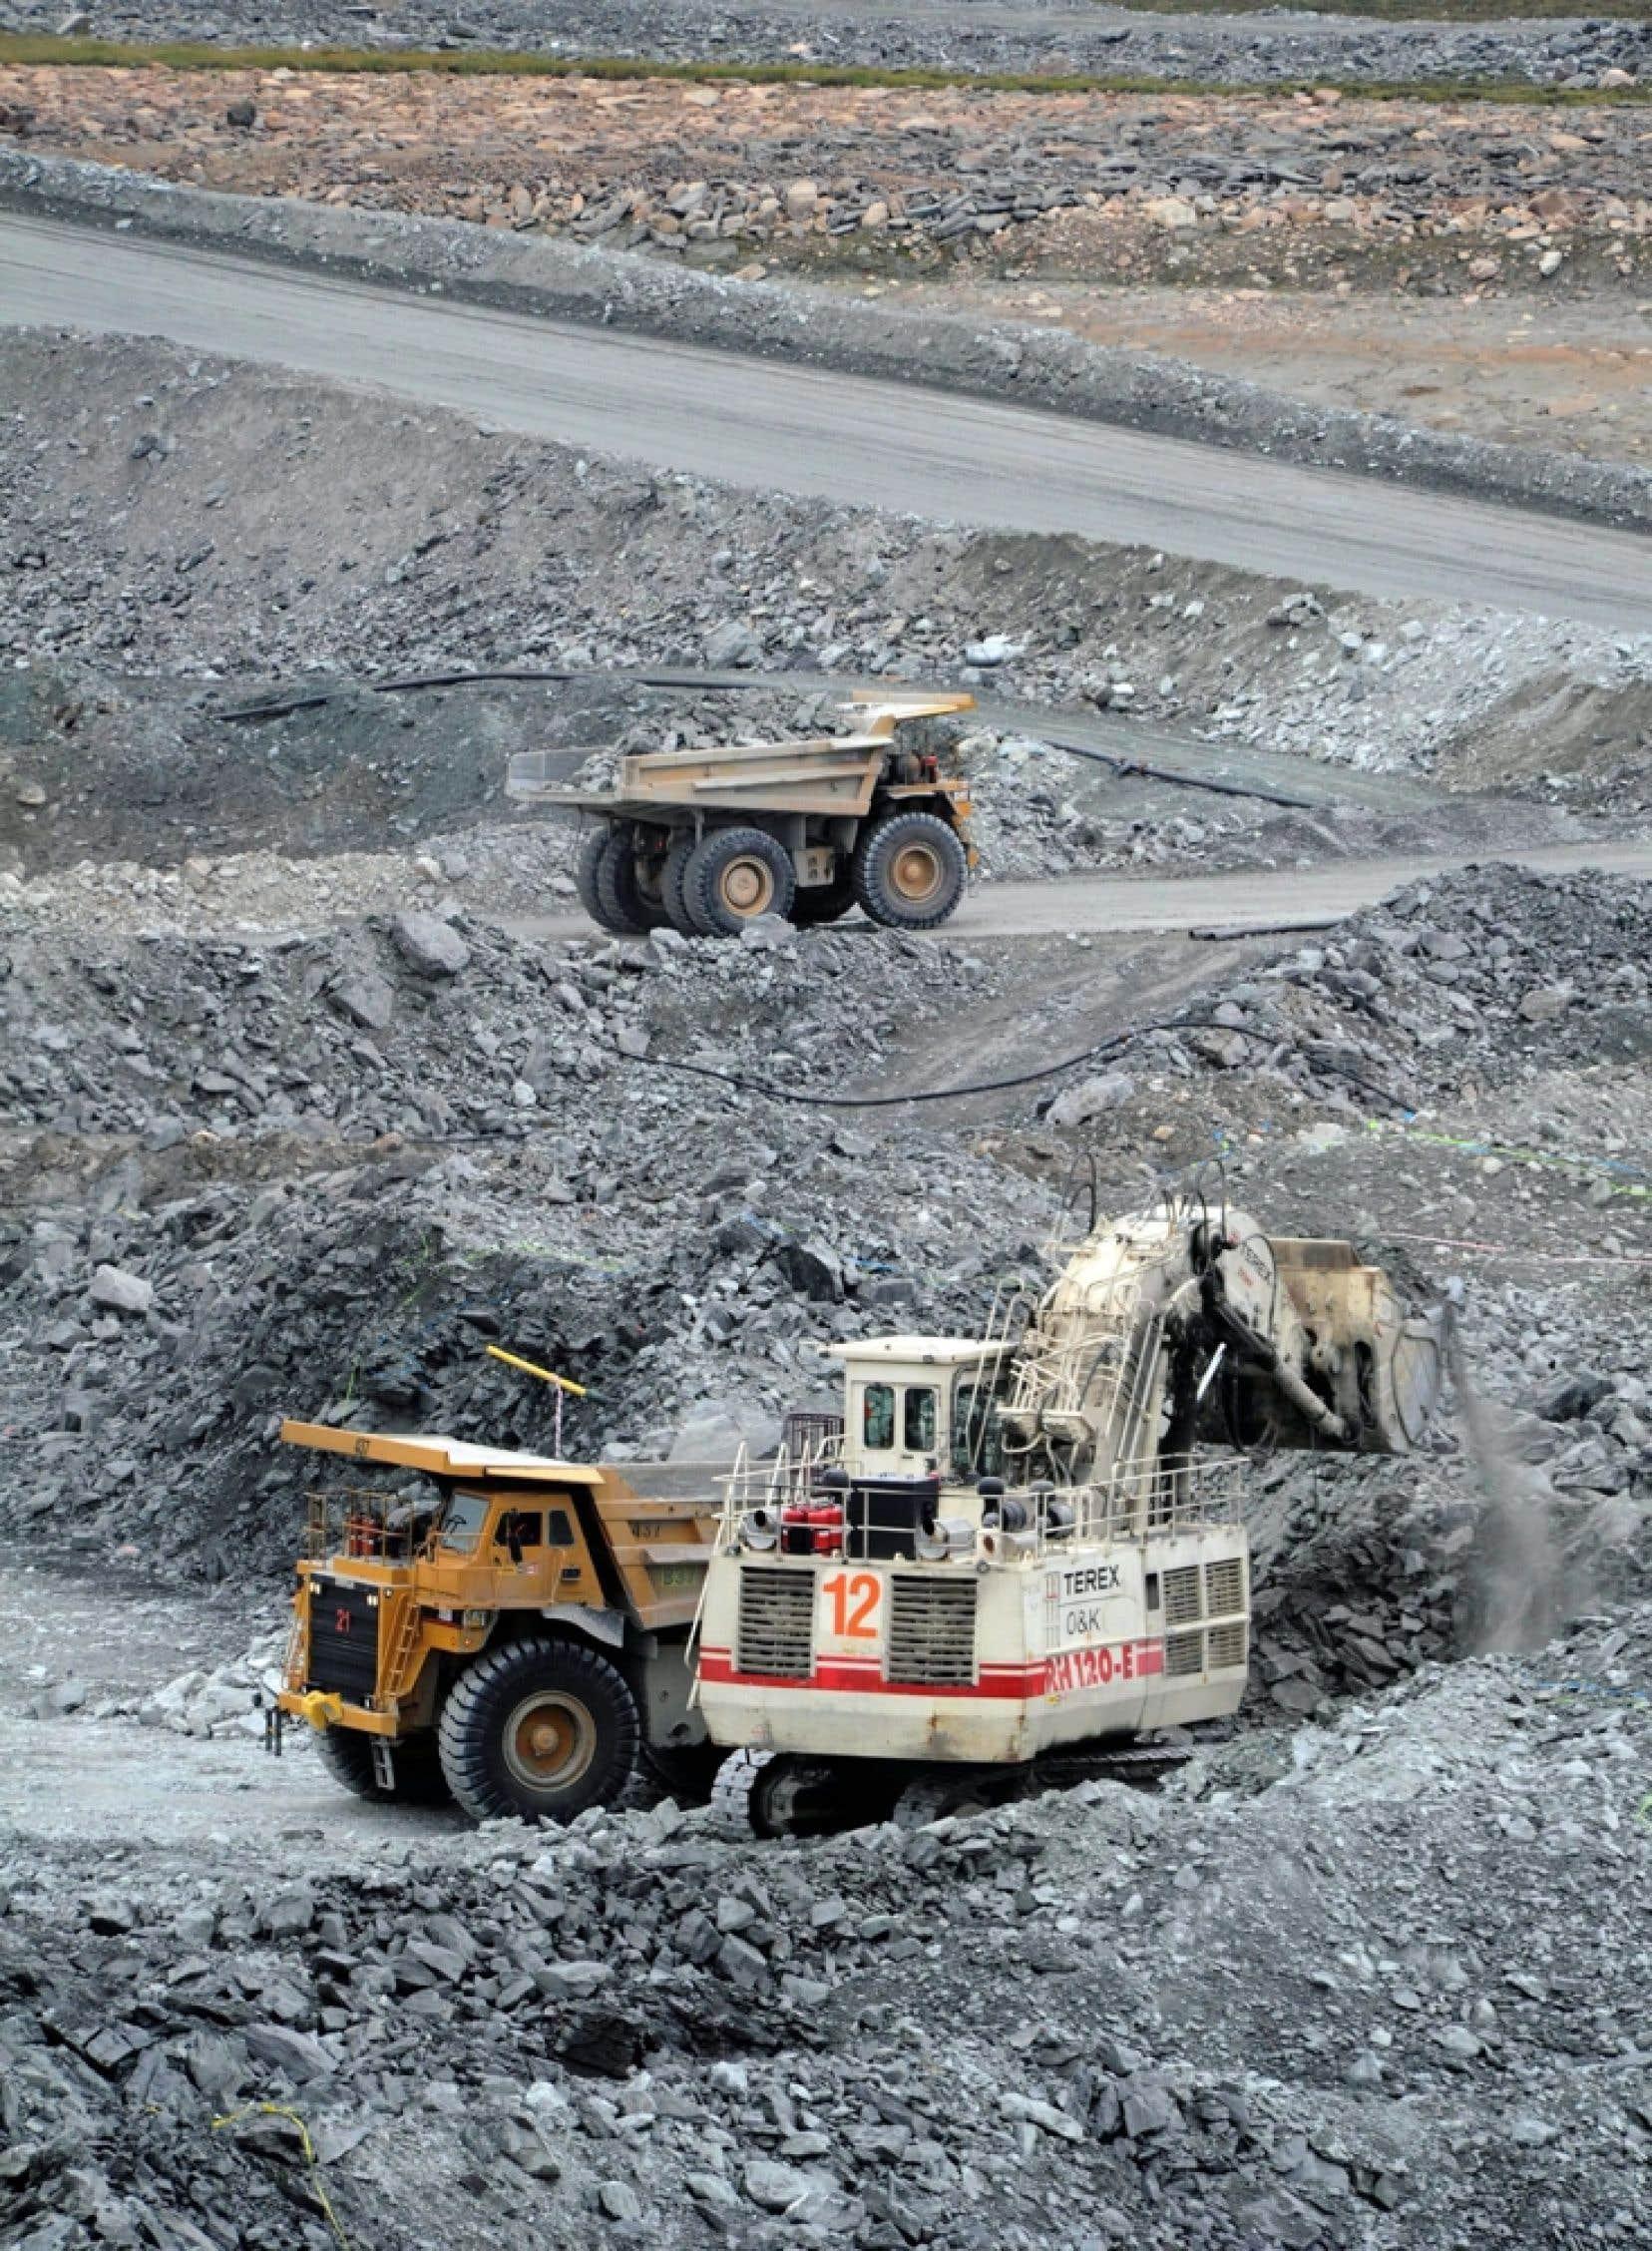 Les États-Unis obligent les compagnies minières à une certaine transparence. Ottawa est invité à faire de même. Et c'est l'industrie qui le lui demande.